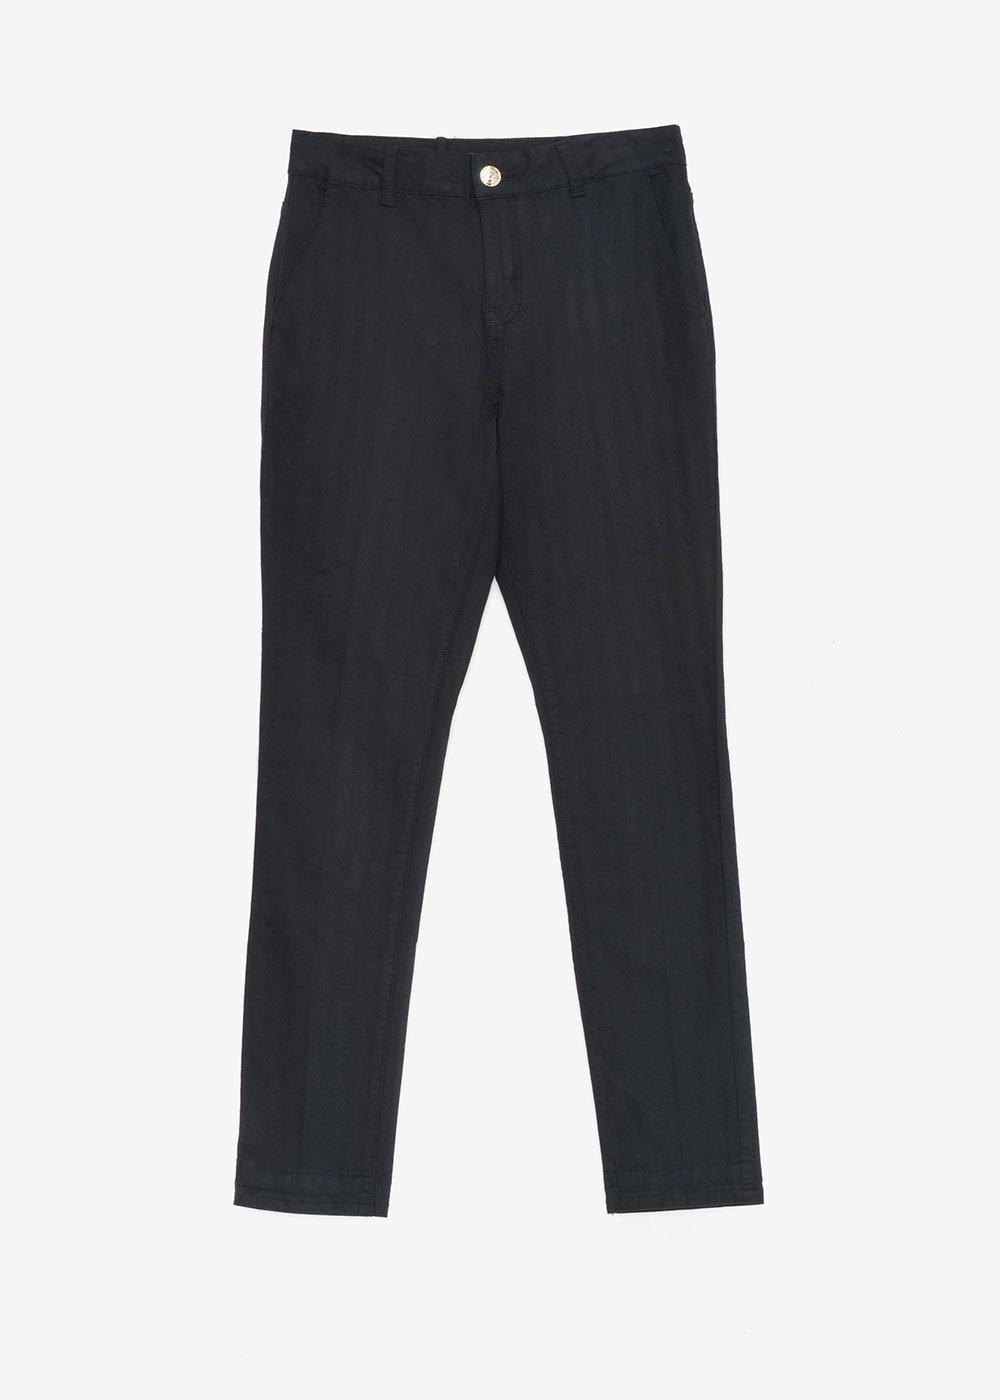 Slim-leg cotton blend trousers - Black - Woman